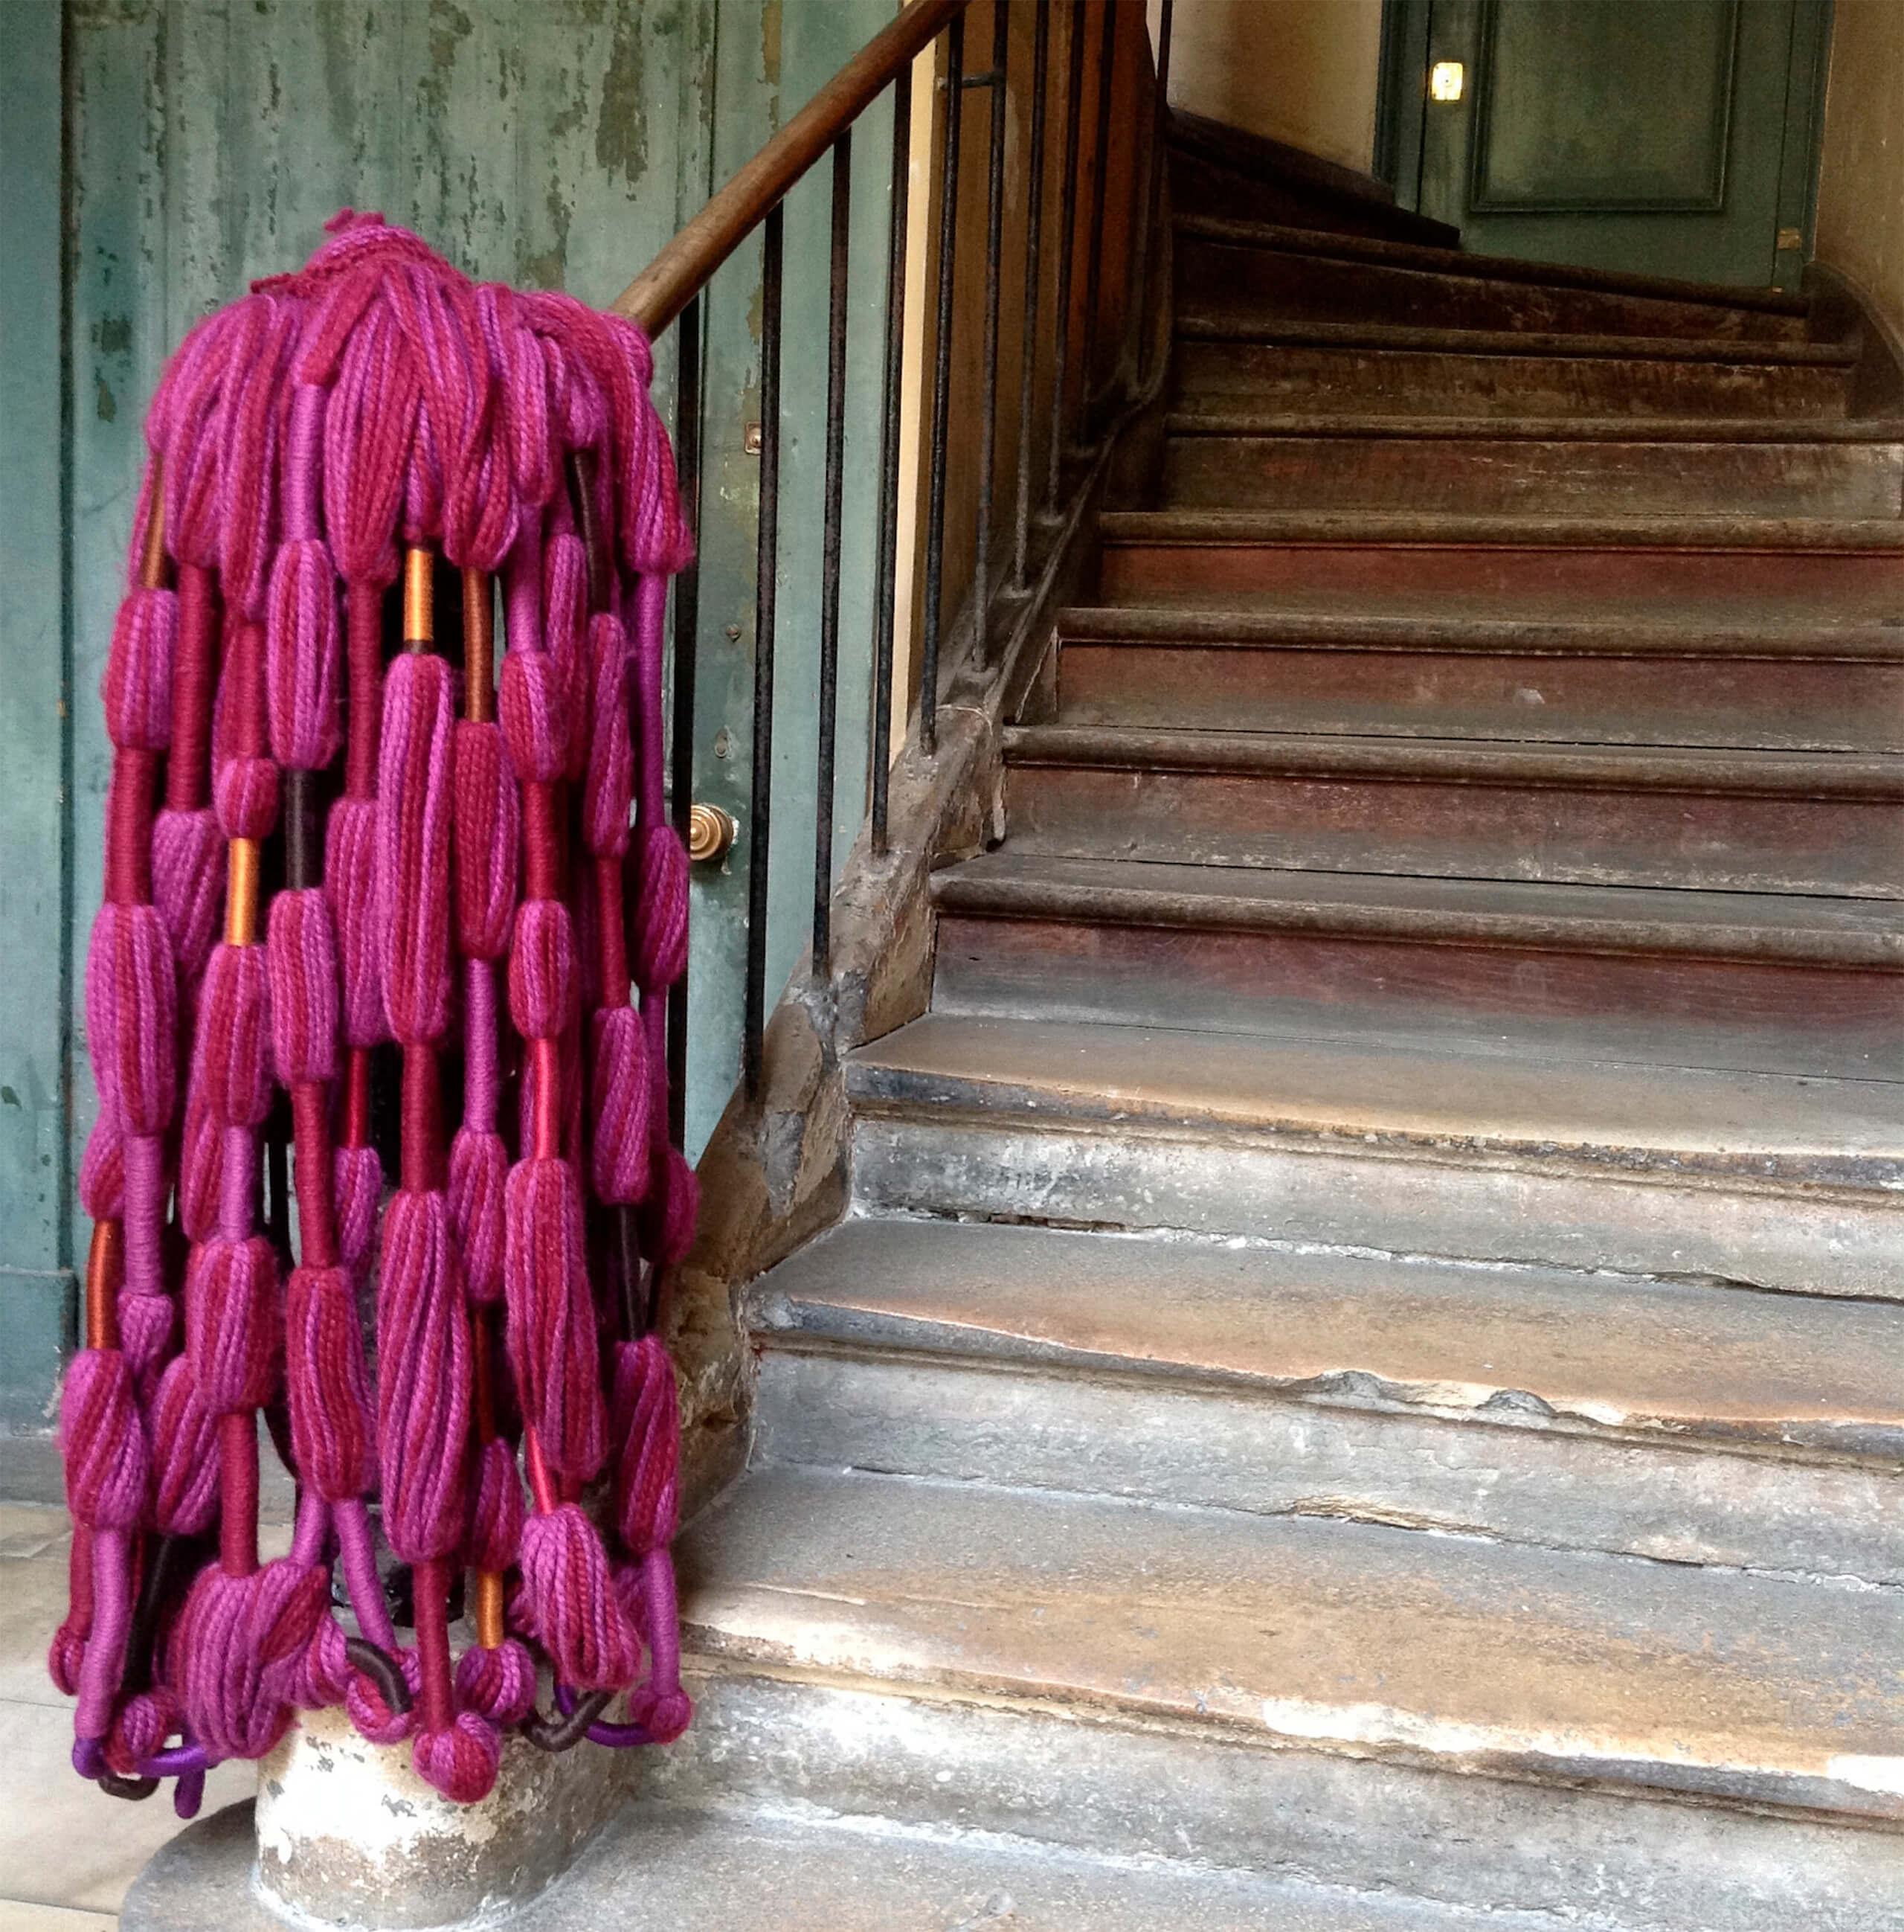 Perruque Aubergine   Sheila Hicks: Hilos libres. El textil y sus raíces prehispánicas, 1954-2017   Museo Amparo, Puebla